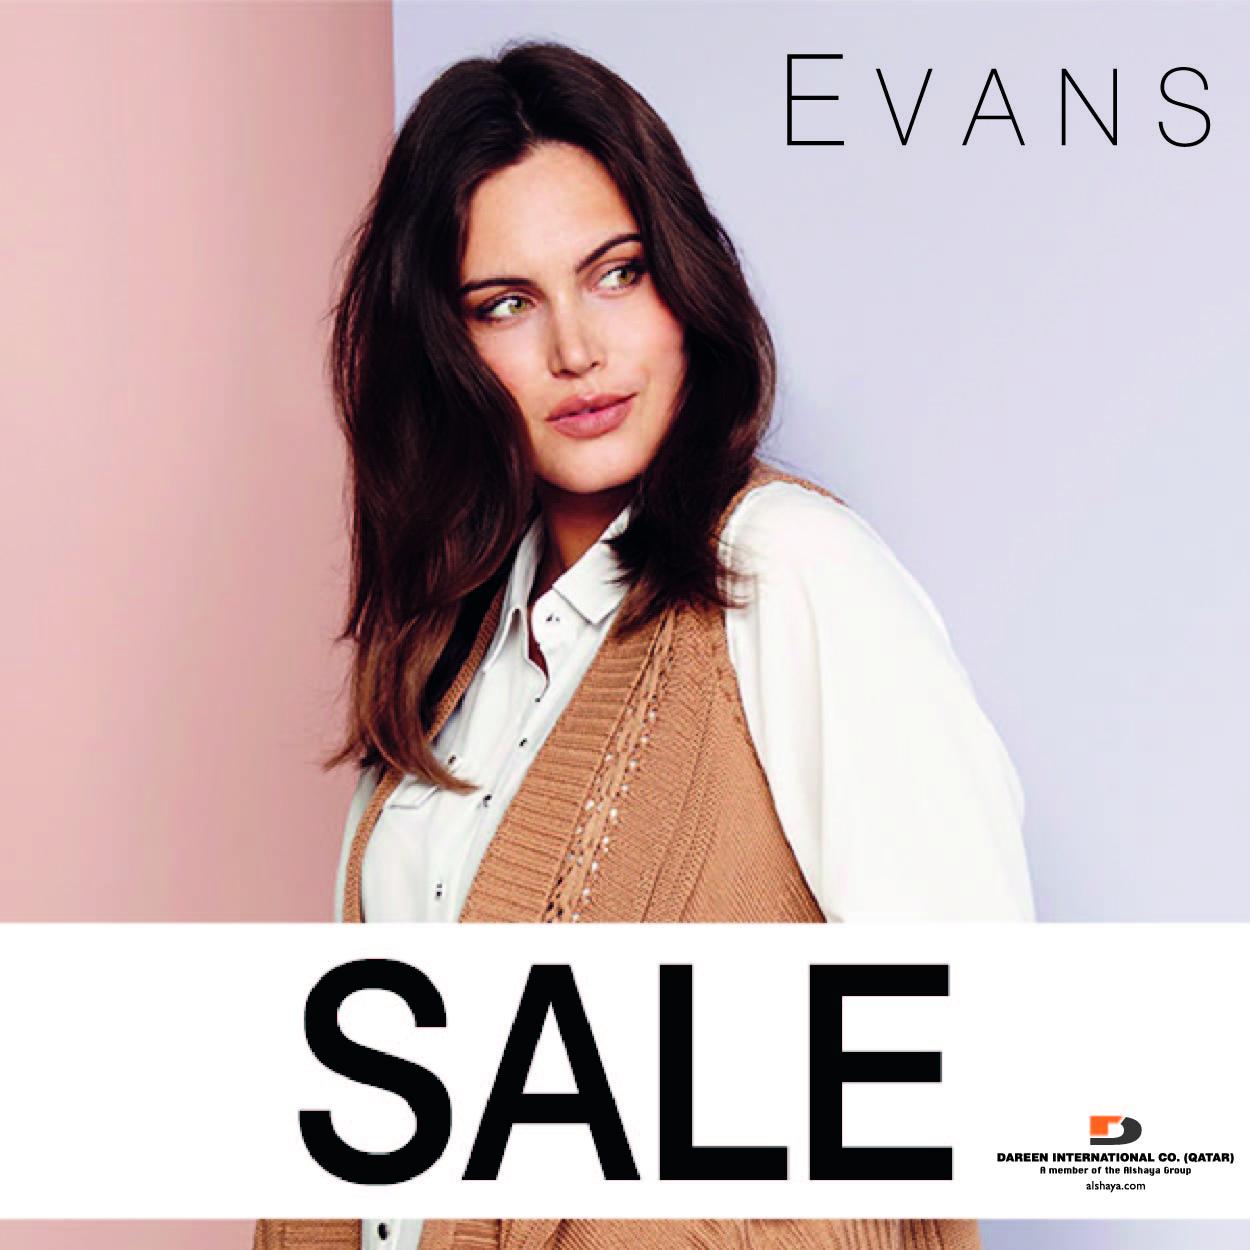 Evans-02 QAT